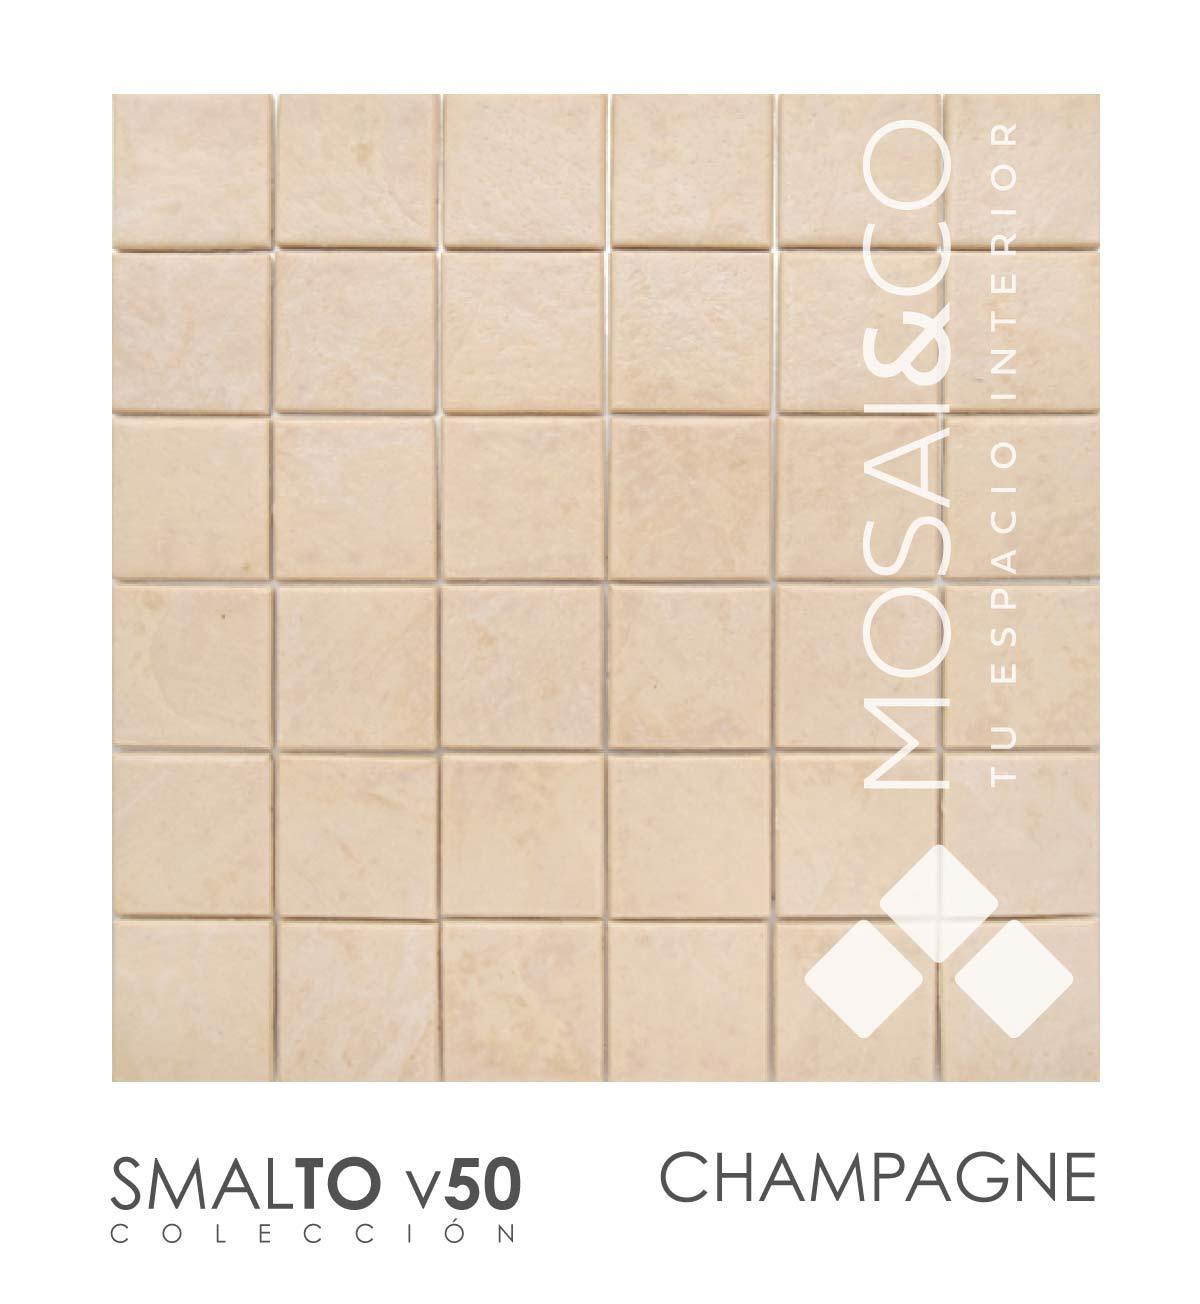 mosaico-decoracion-interiores-mosaiandco-coleccion-smalto_v50-CHAMPAGNE